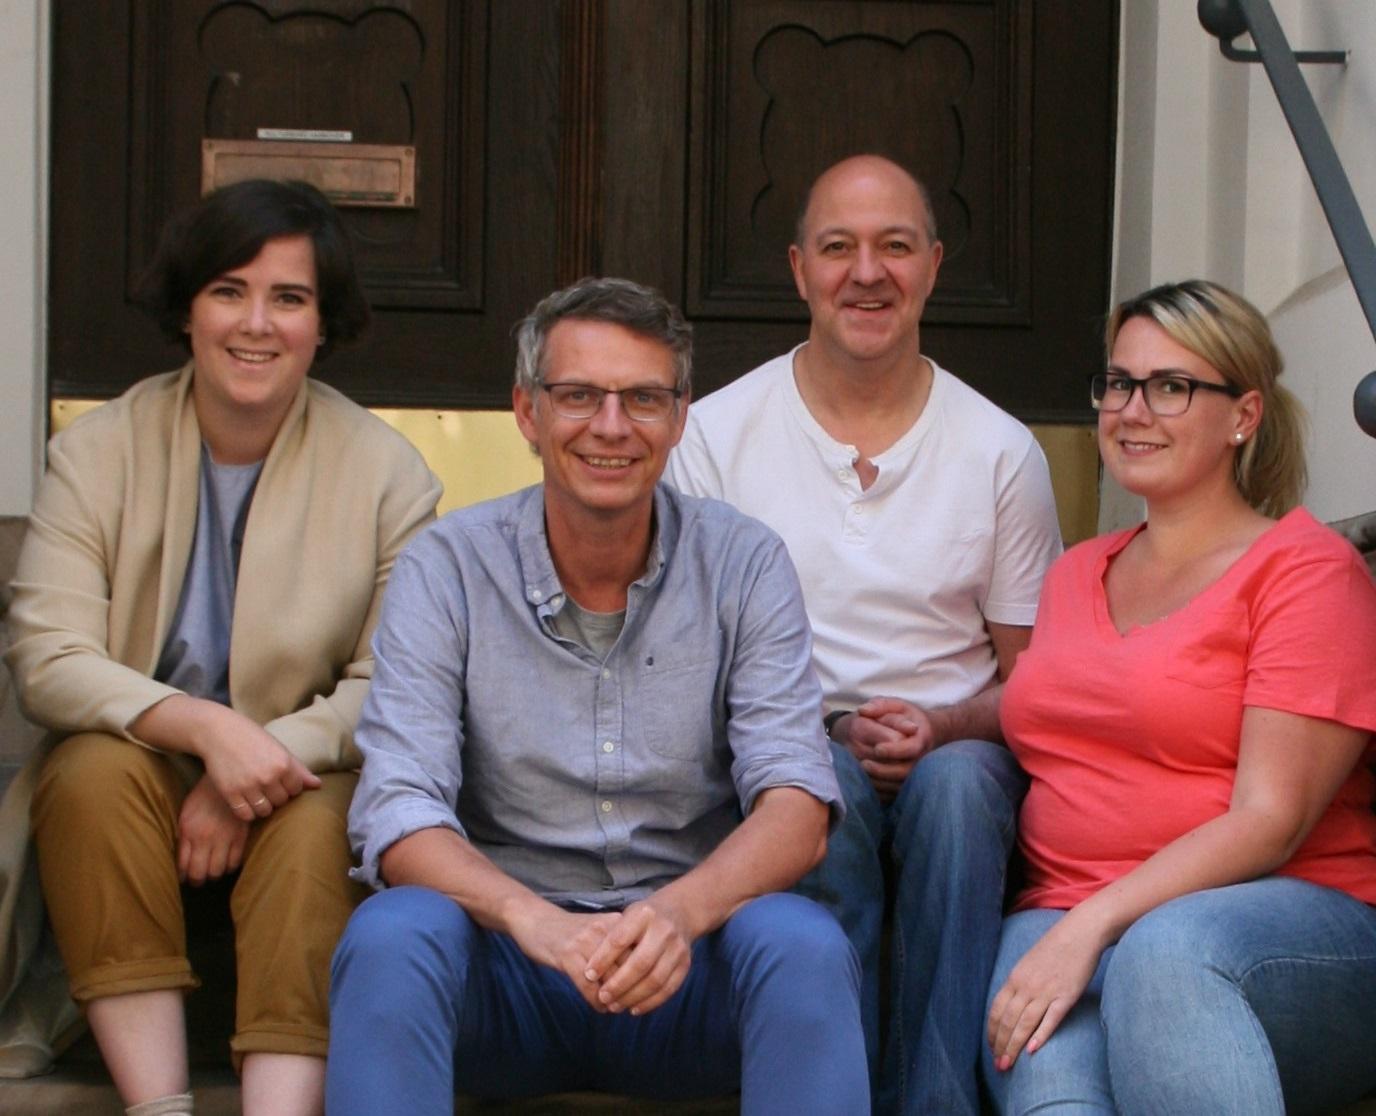 Das Team aus dem Kulturbüro der Stadt Hannover bietet eine Sprechstunde im Cafve.